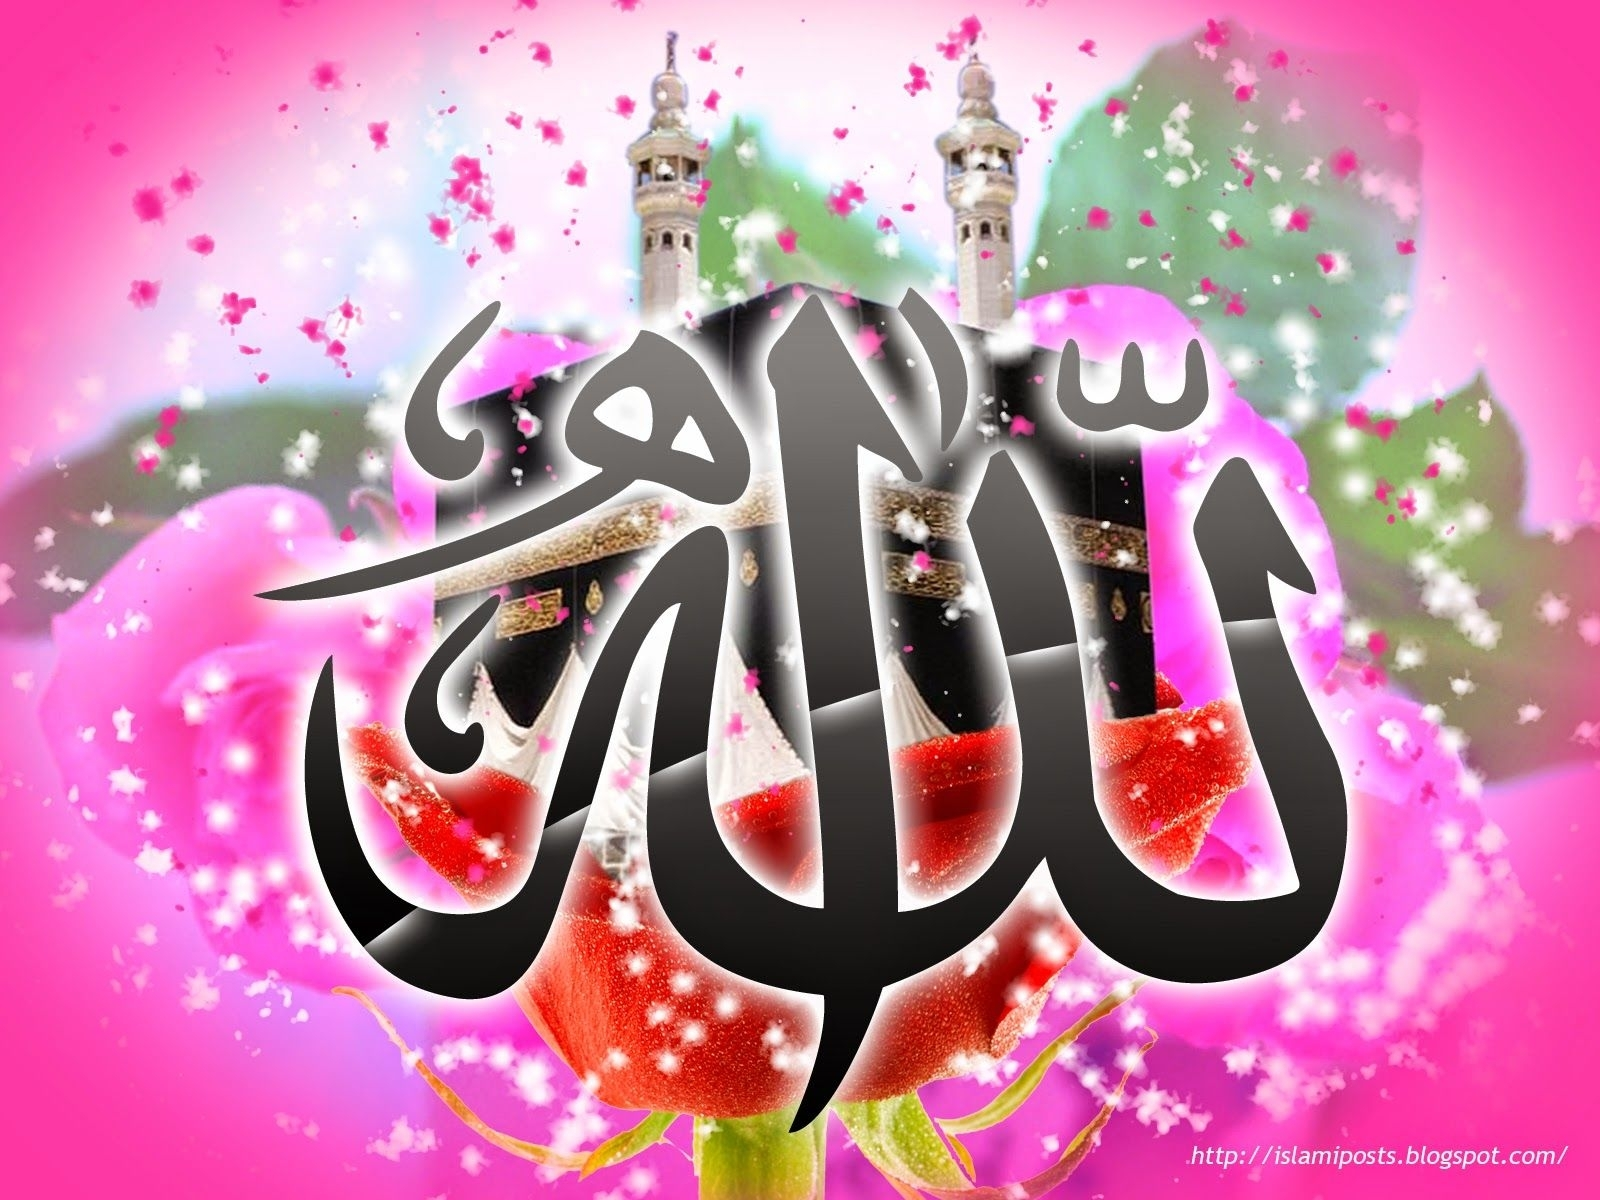 beautiful allah names desktop wall   islami posts   beautiful